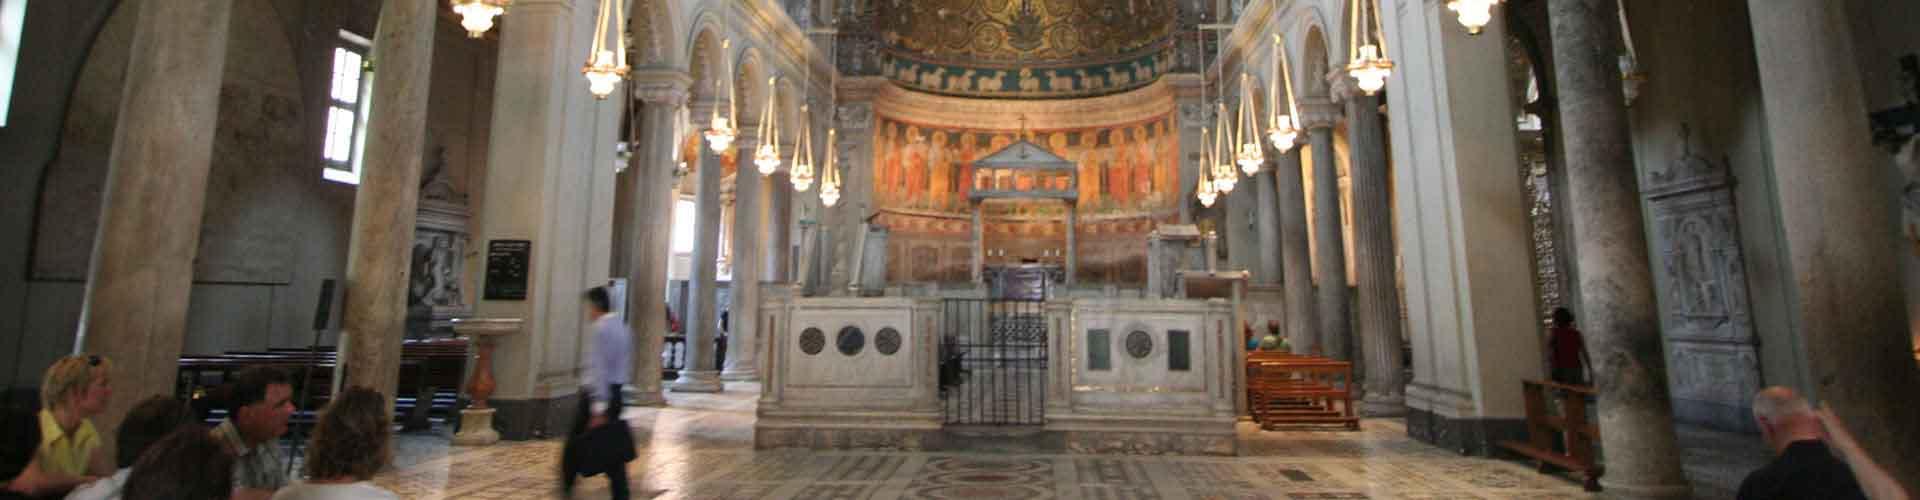 Roma – Albergues próximos a Basilica di San Clemente. Mapas para Roma, Fotos e Avaliações para cada Albergue em Roma.